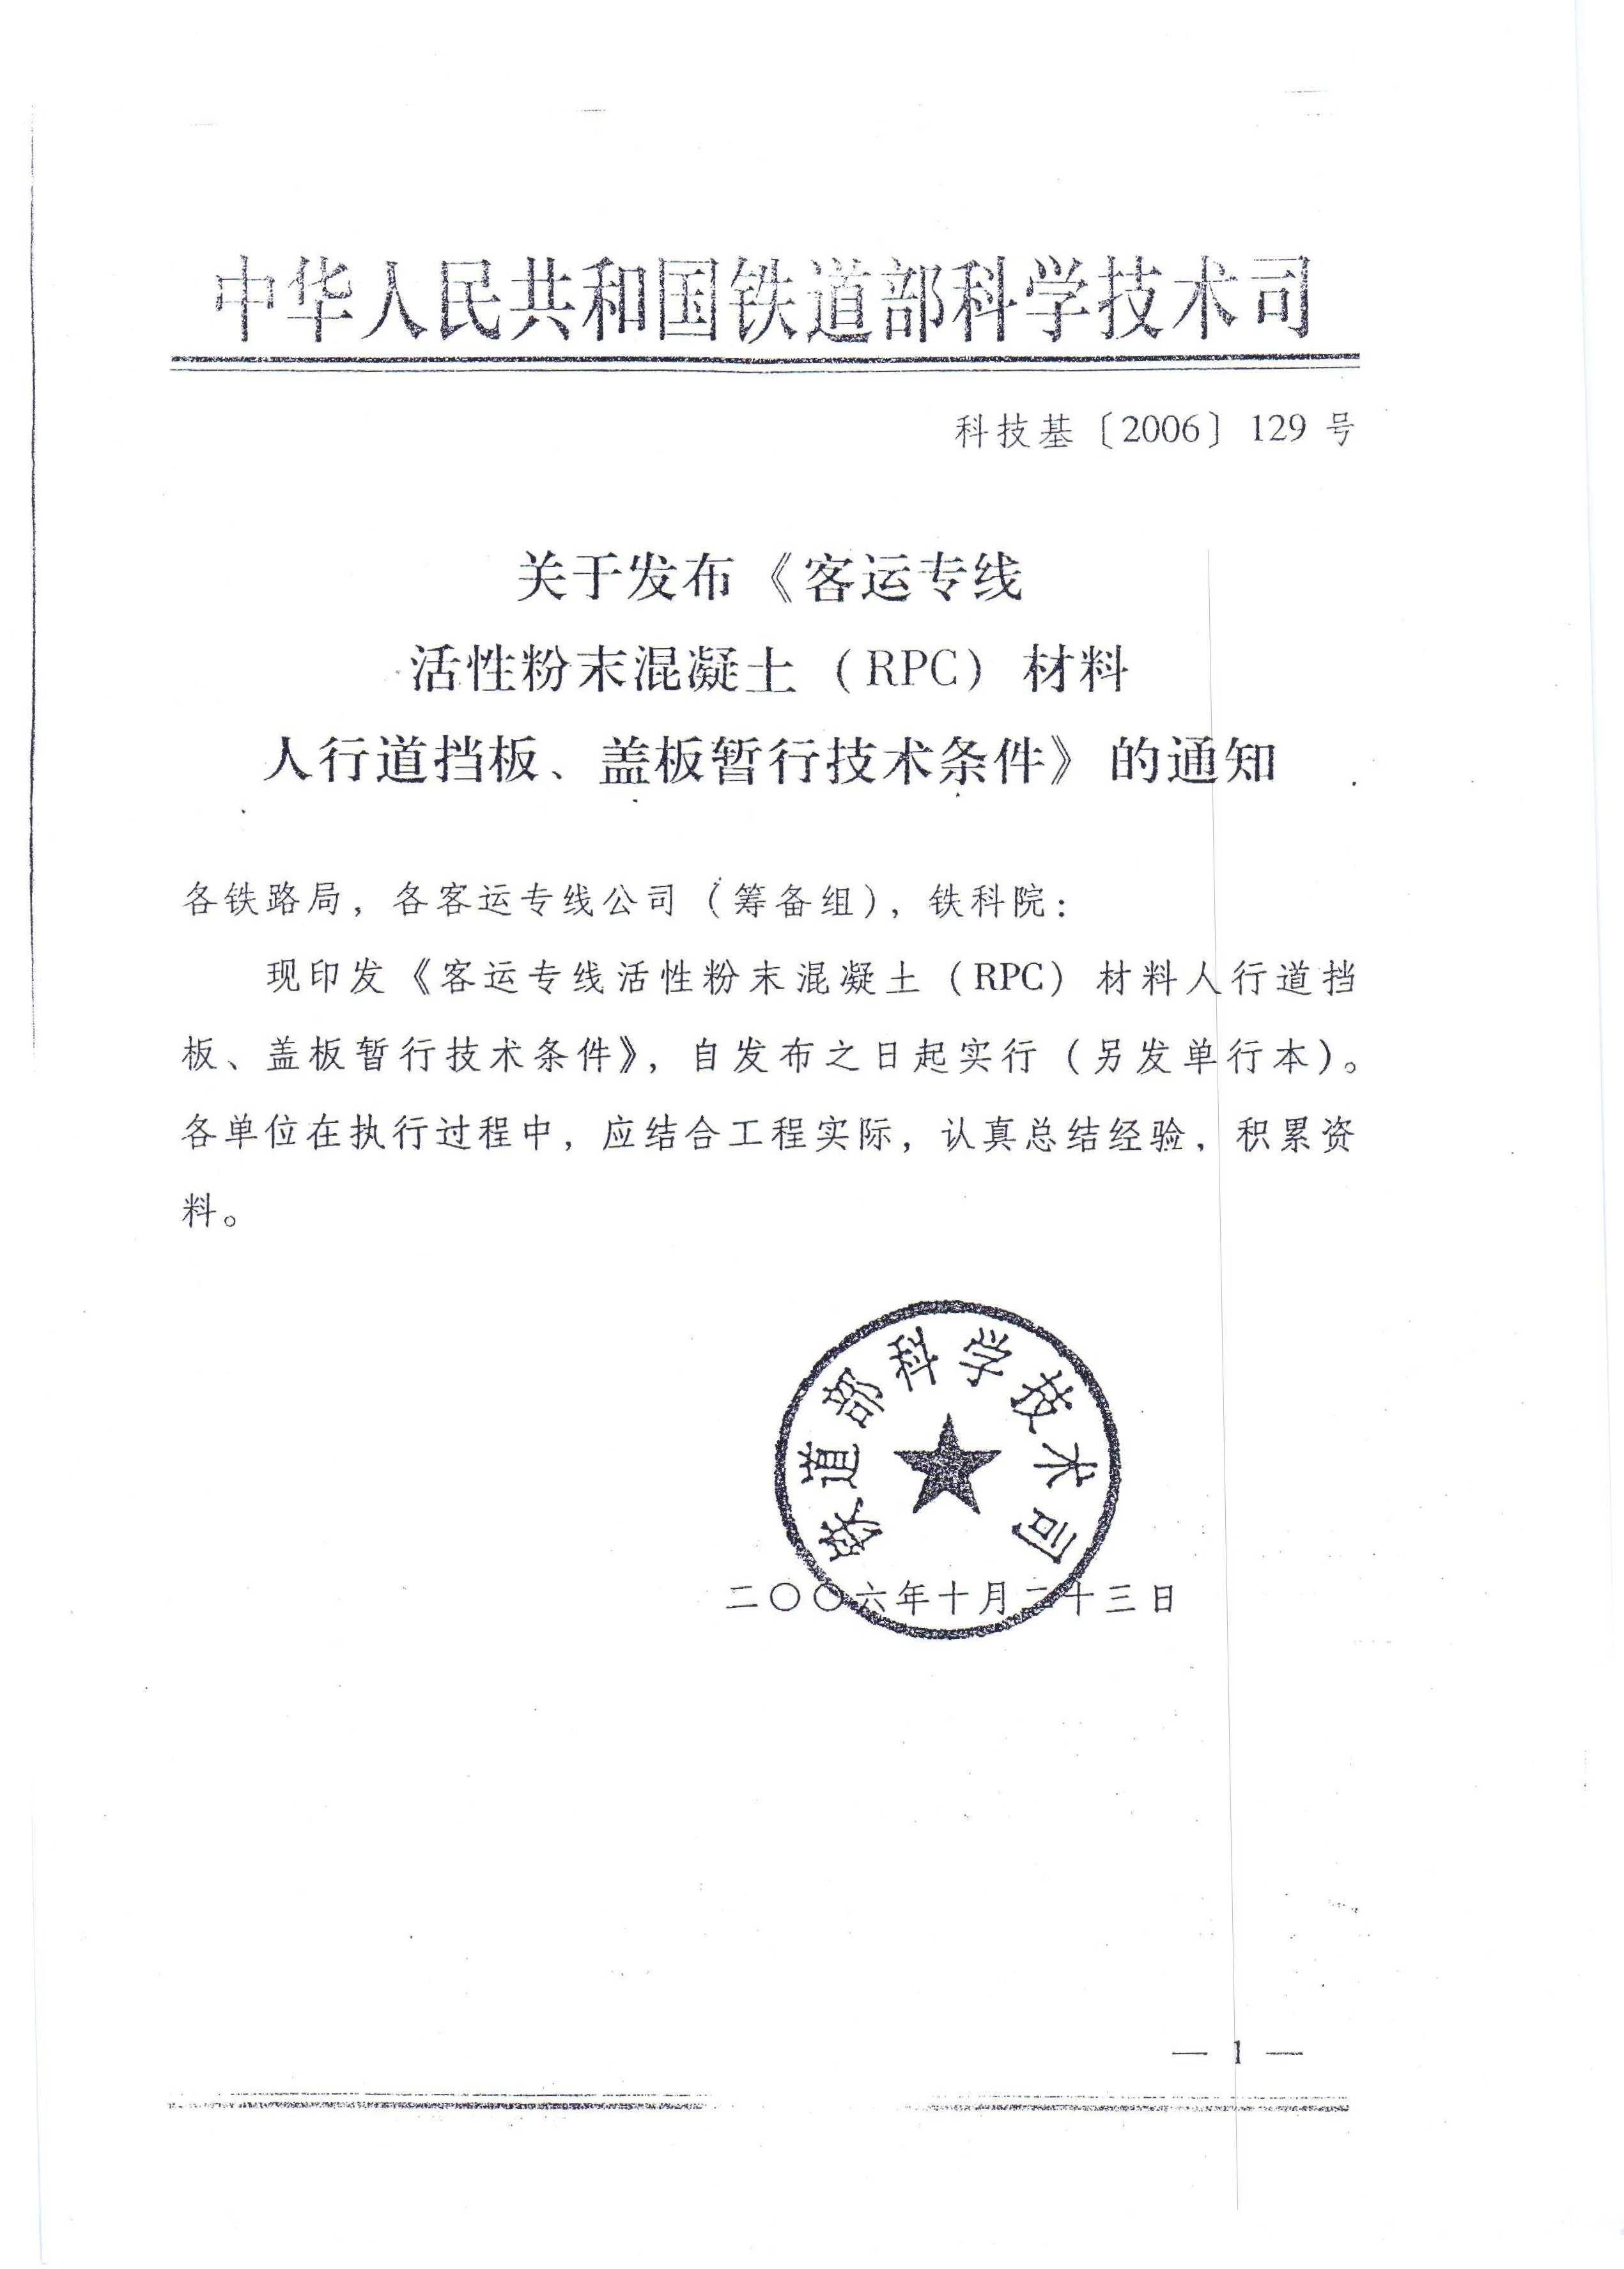 关于发布《客运专线活性粉末混凝土(RPC)材料人行道挡板、盖板暂行技术条件》的通知.jpg